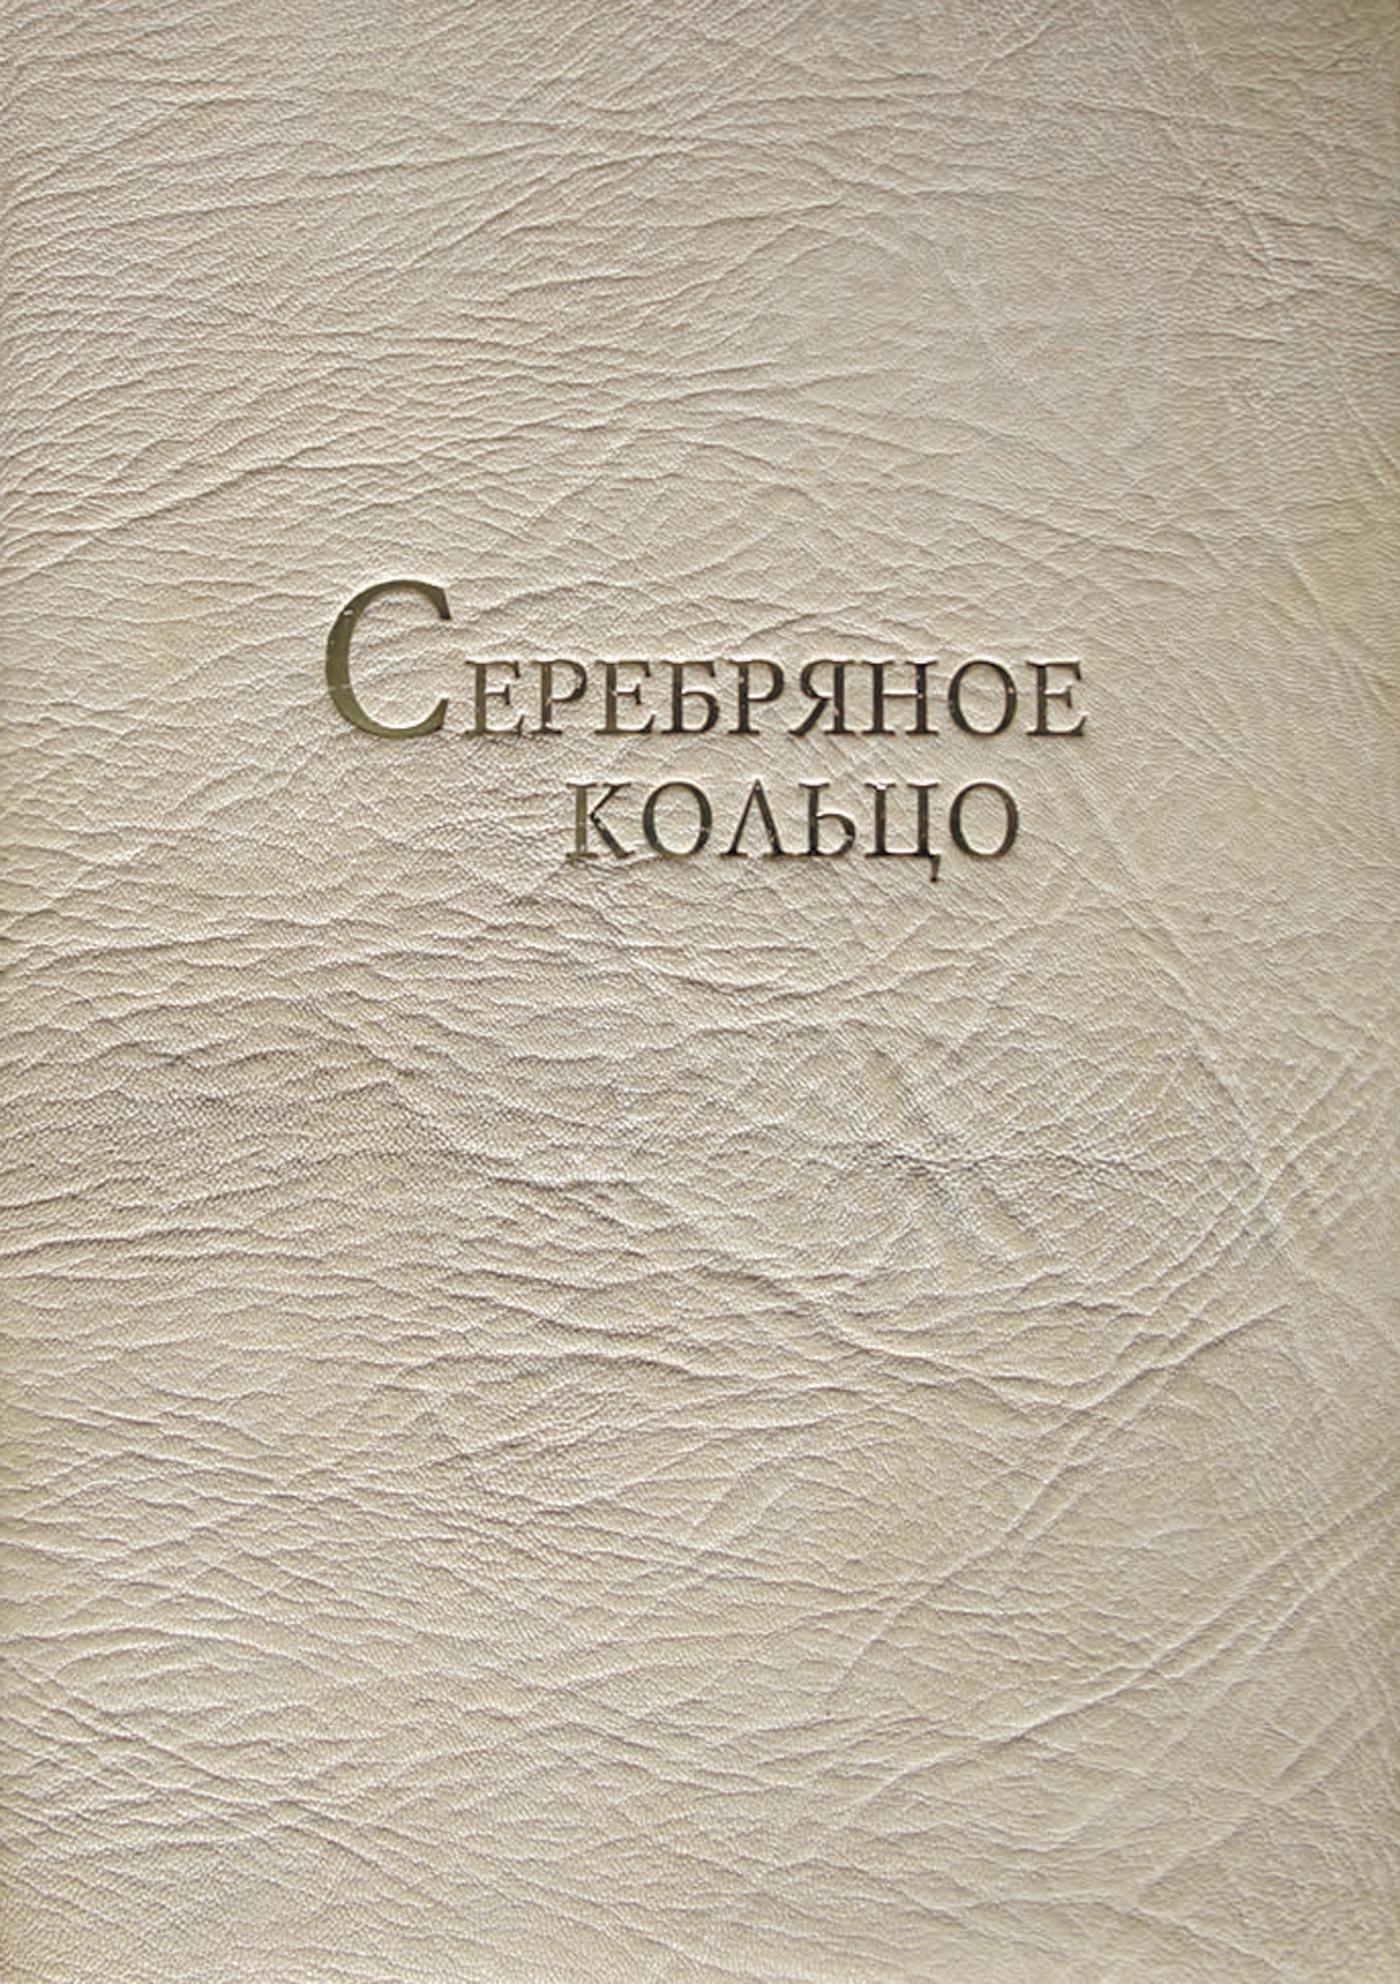 Серебряное кольцо. XVII век: 100 верст от Кремля. Фотоальбом